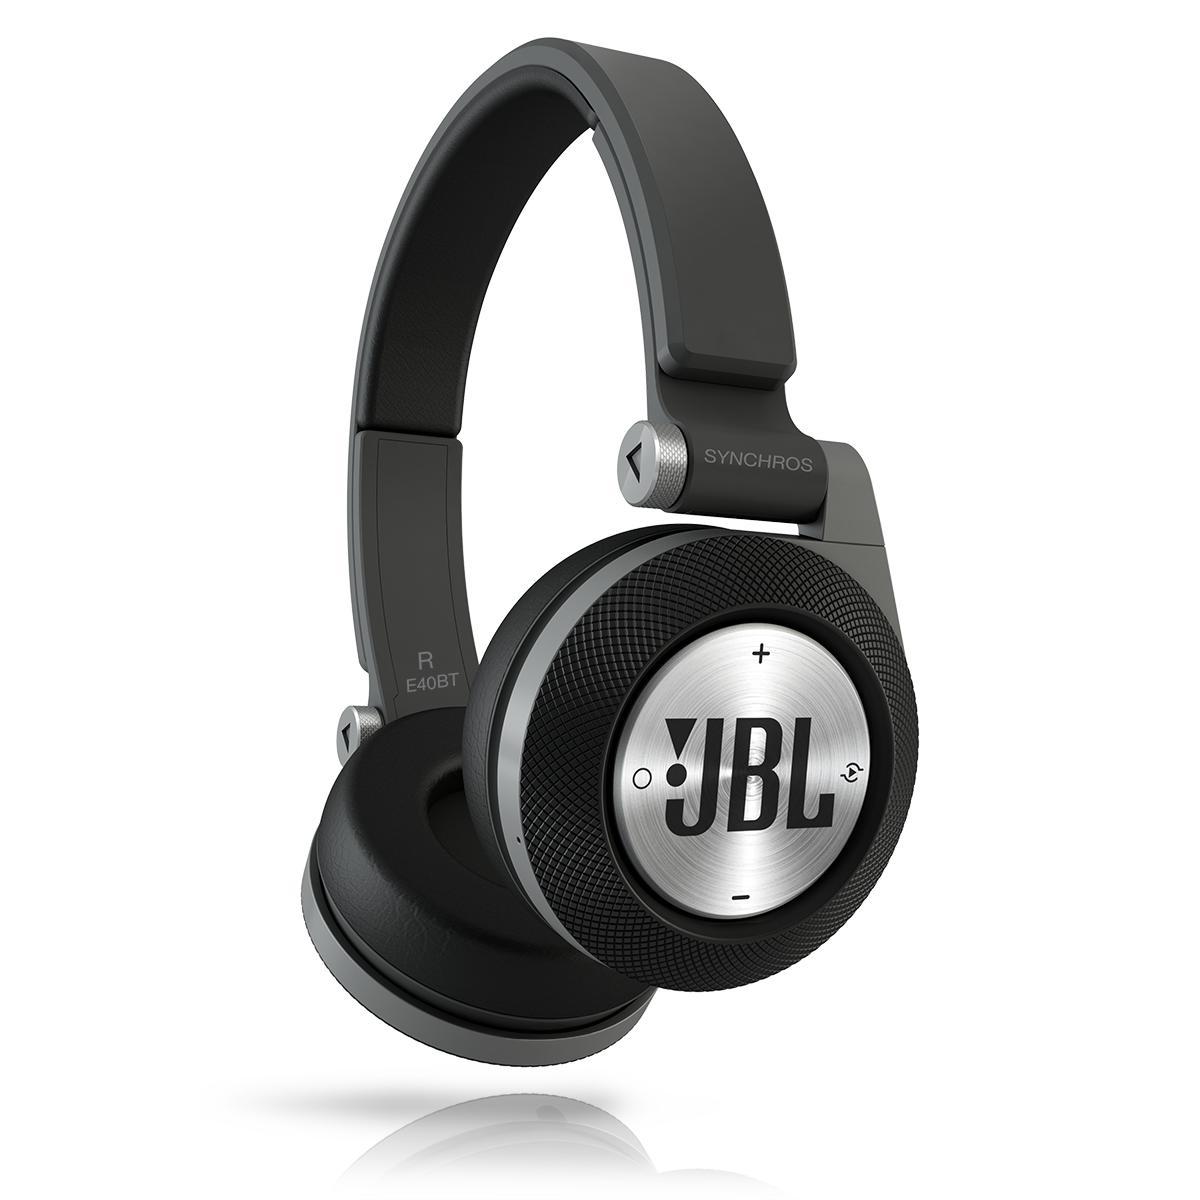 fones-de-ouvido-bluetooth-jbl-e40-bt